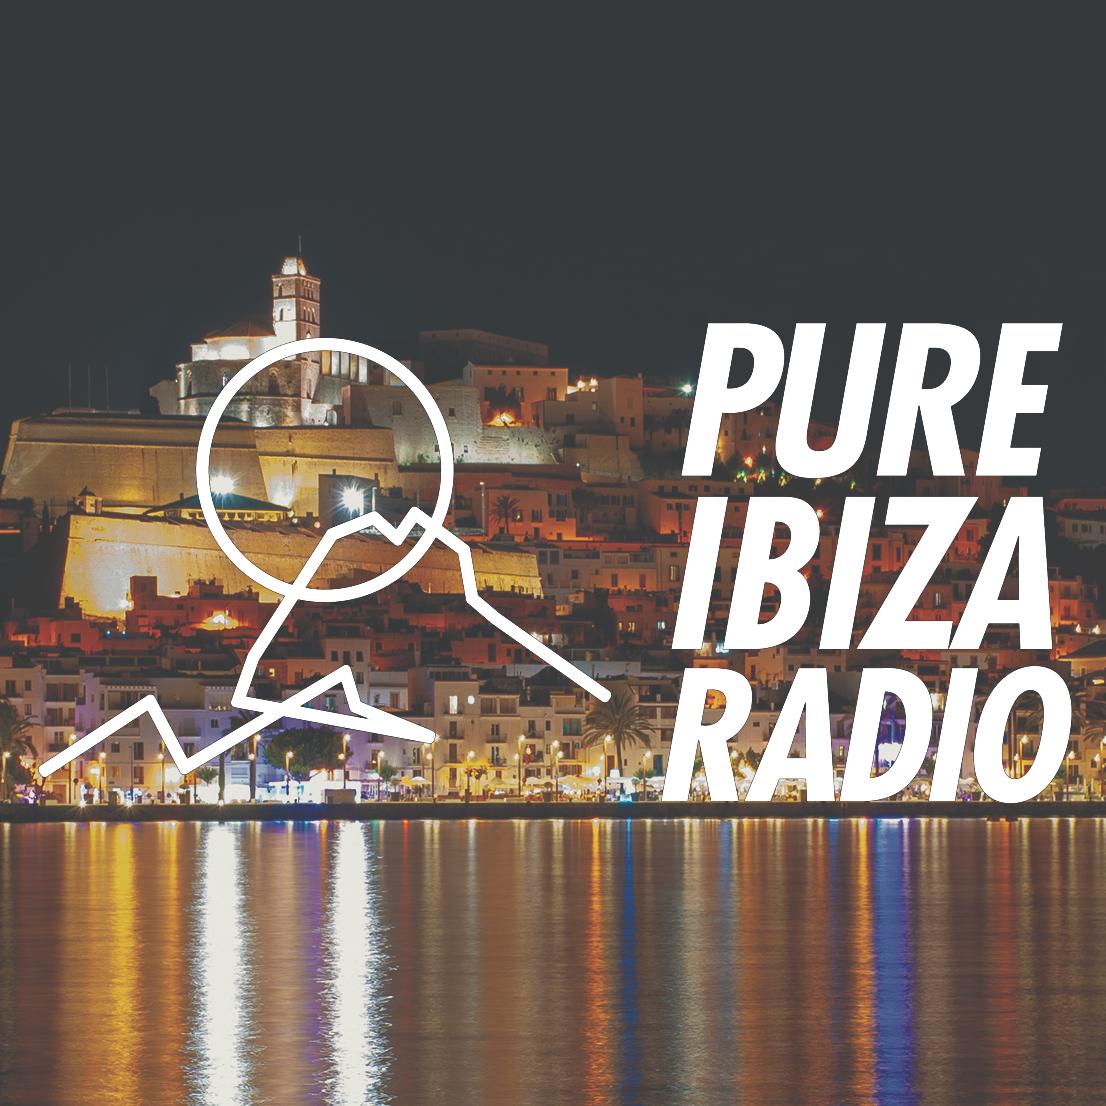 Pure Ibiza